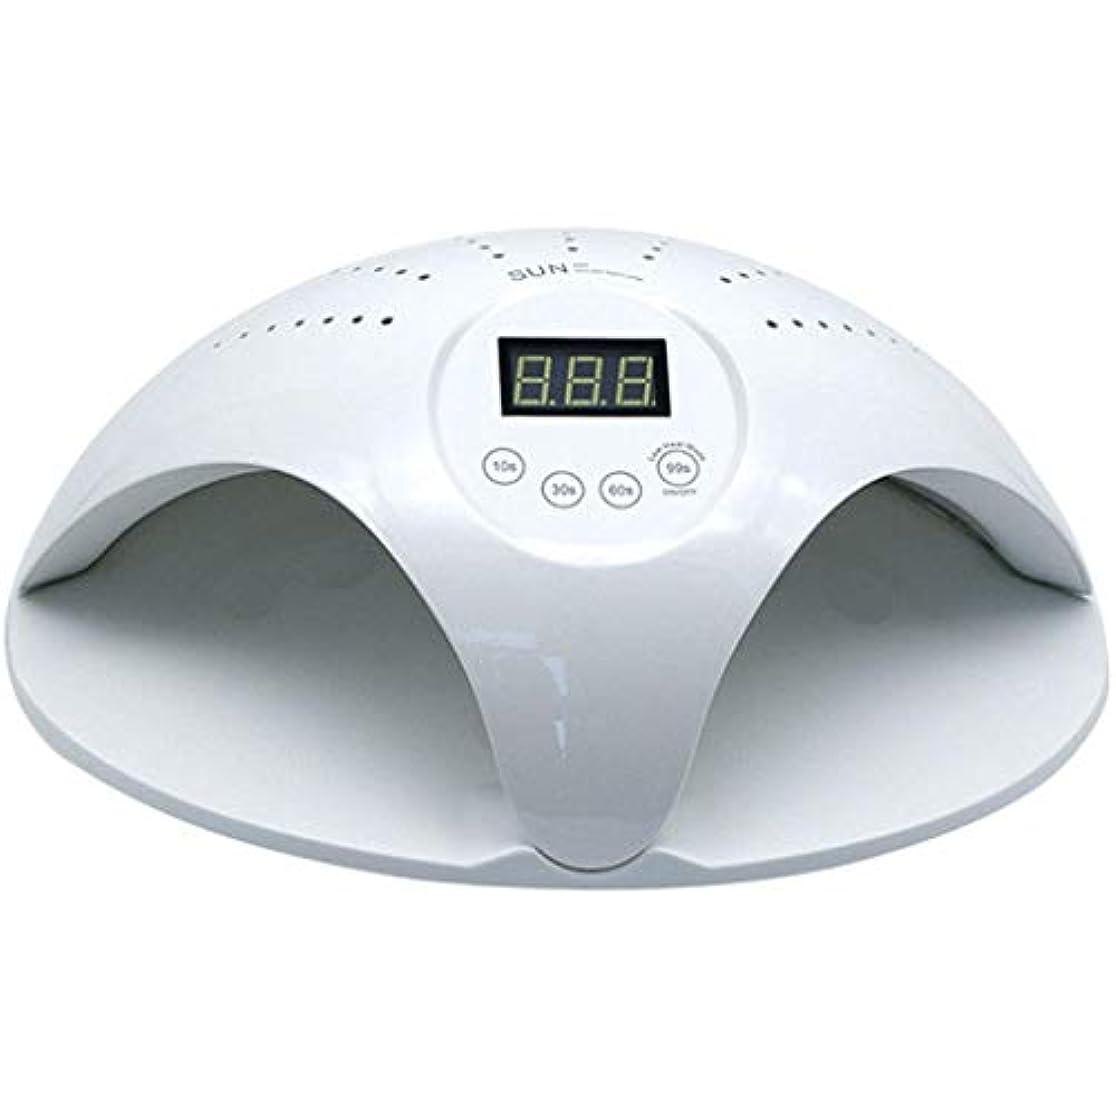 バーほとんどない恩赦BEIHUAN 48WプロフェッショナルUV LEDジェルネイルランプポーランド硬化乾燥機ライトスマート10月30日/ 60 / 99Sホワイトを設定する4タイマーで自動検出